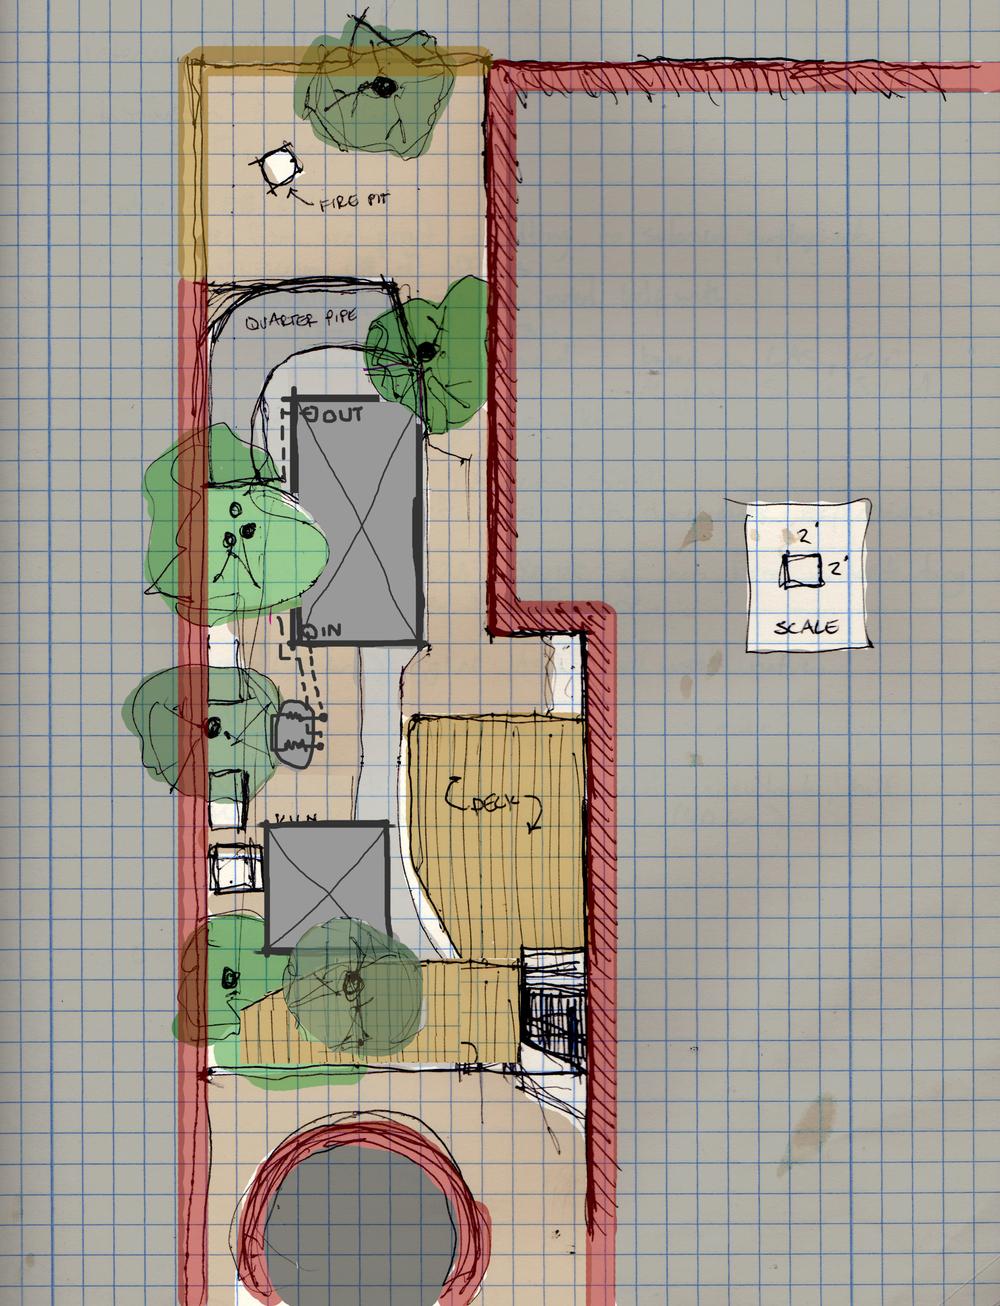 Nicholson File Yard Sketch_Tub 2016.jpg